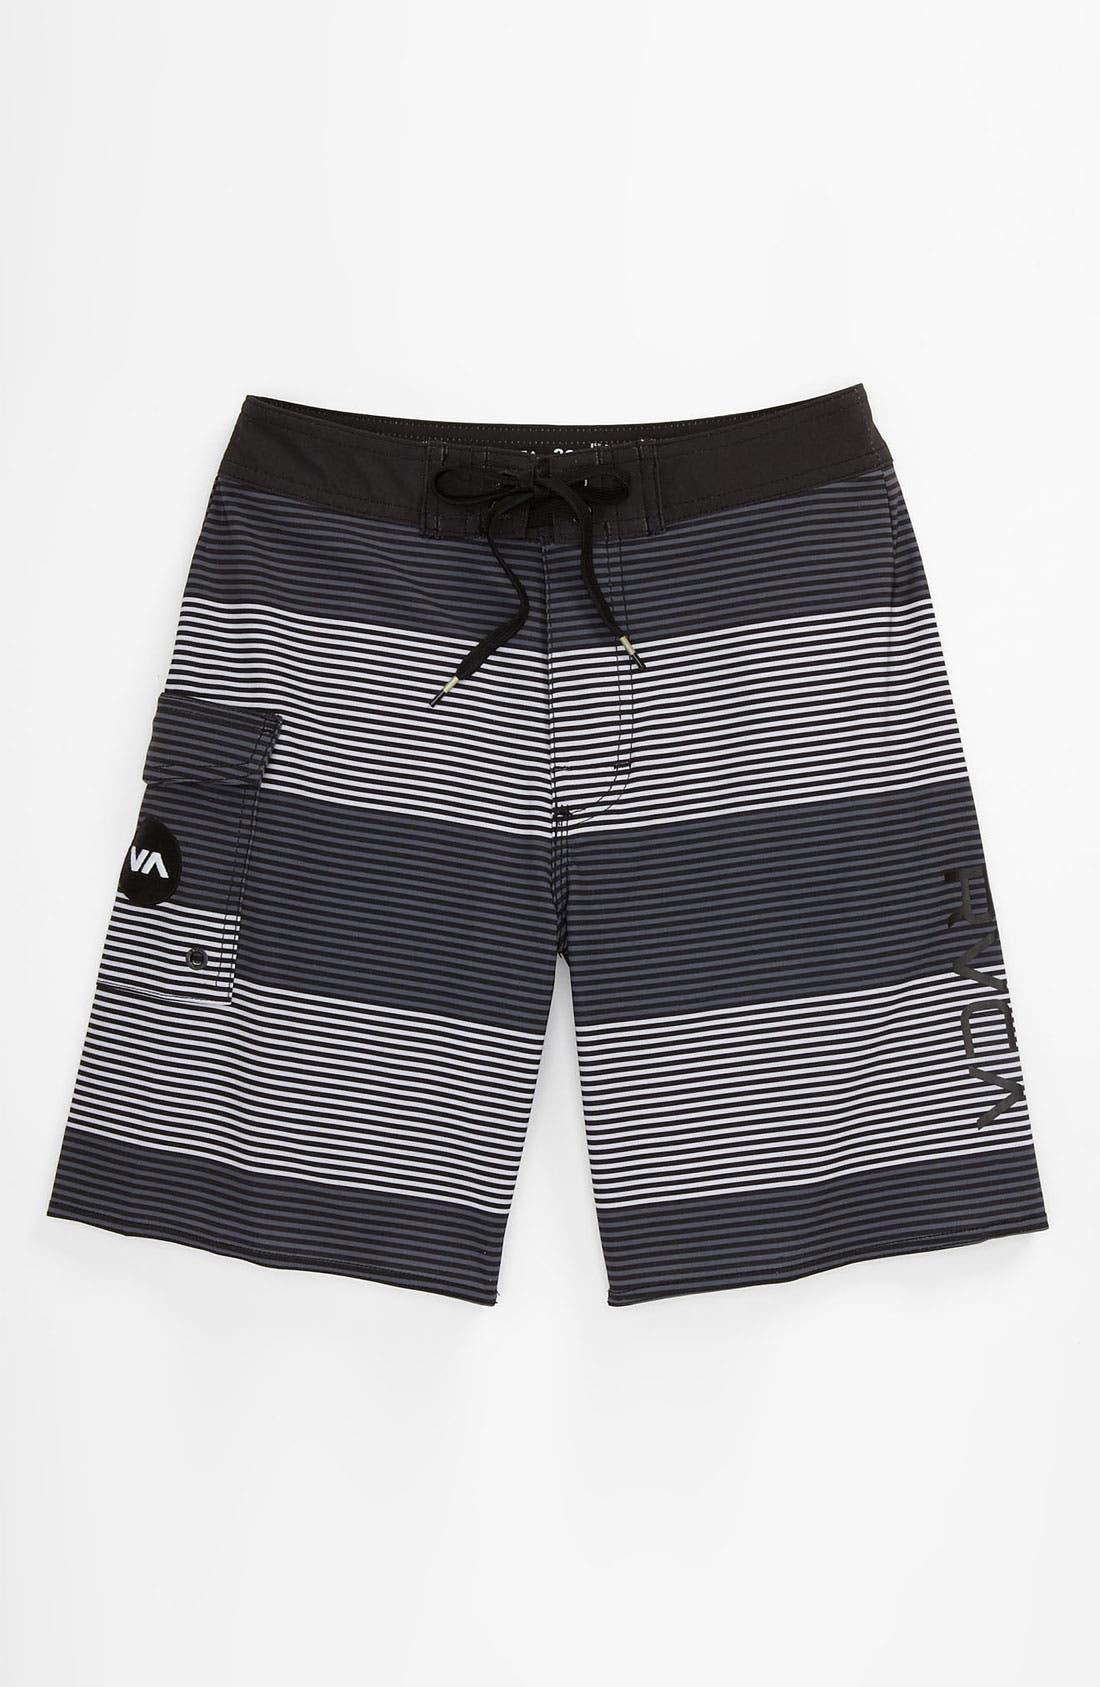 Main Image - RVCA 'Civil Stripe' Board Shorts (Big Boys)